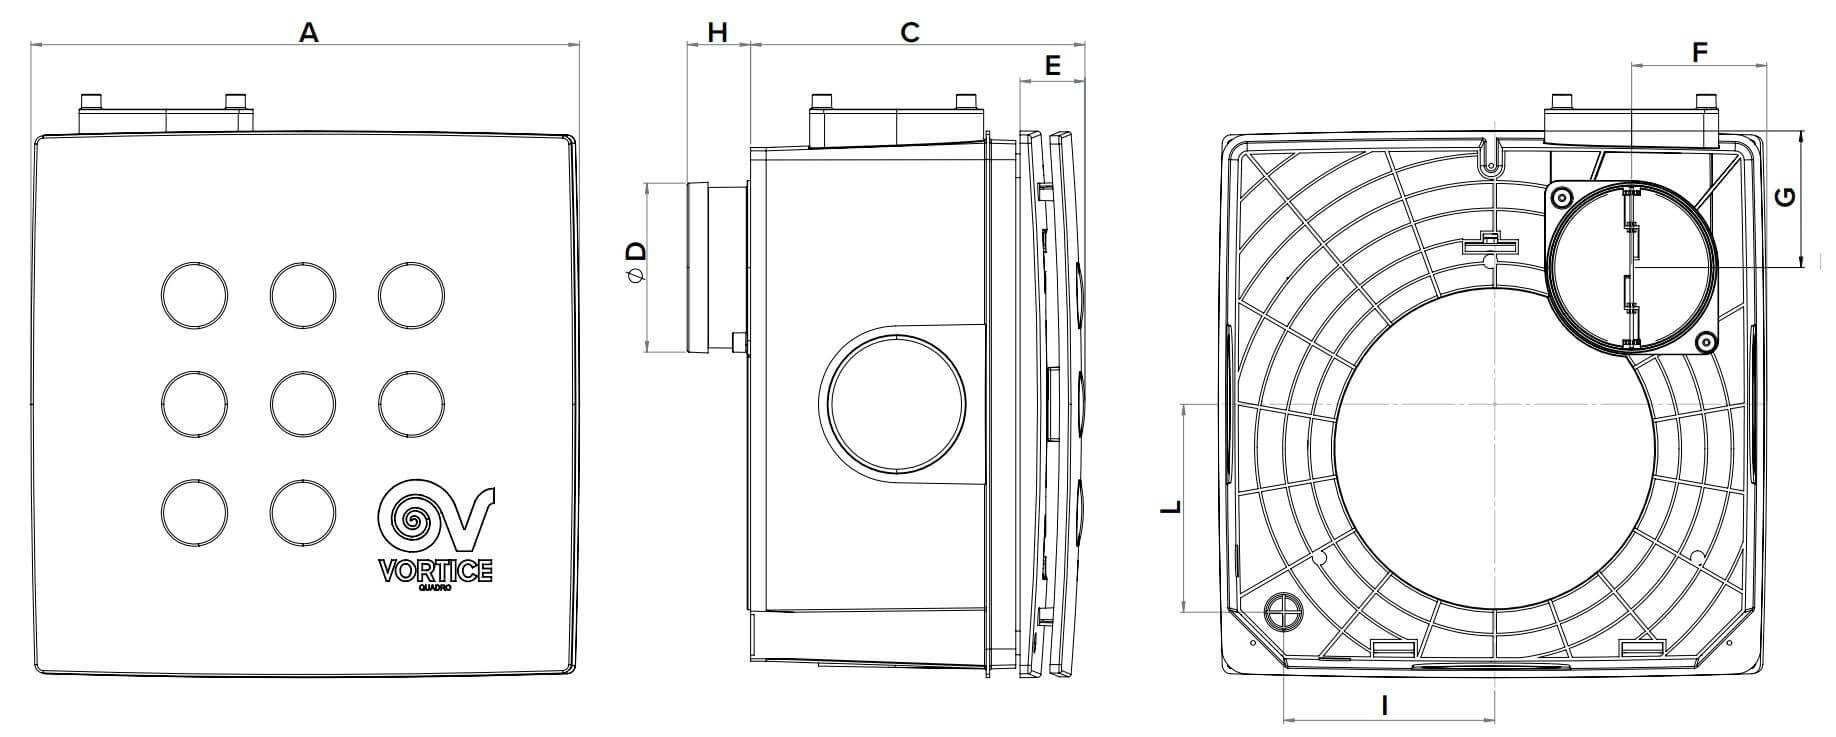 Abmessungen Kleinraumventilator Quadro Super I Unterputz